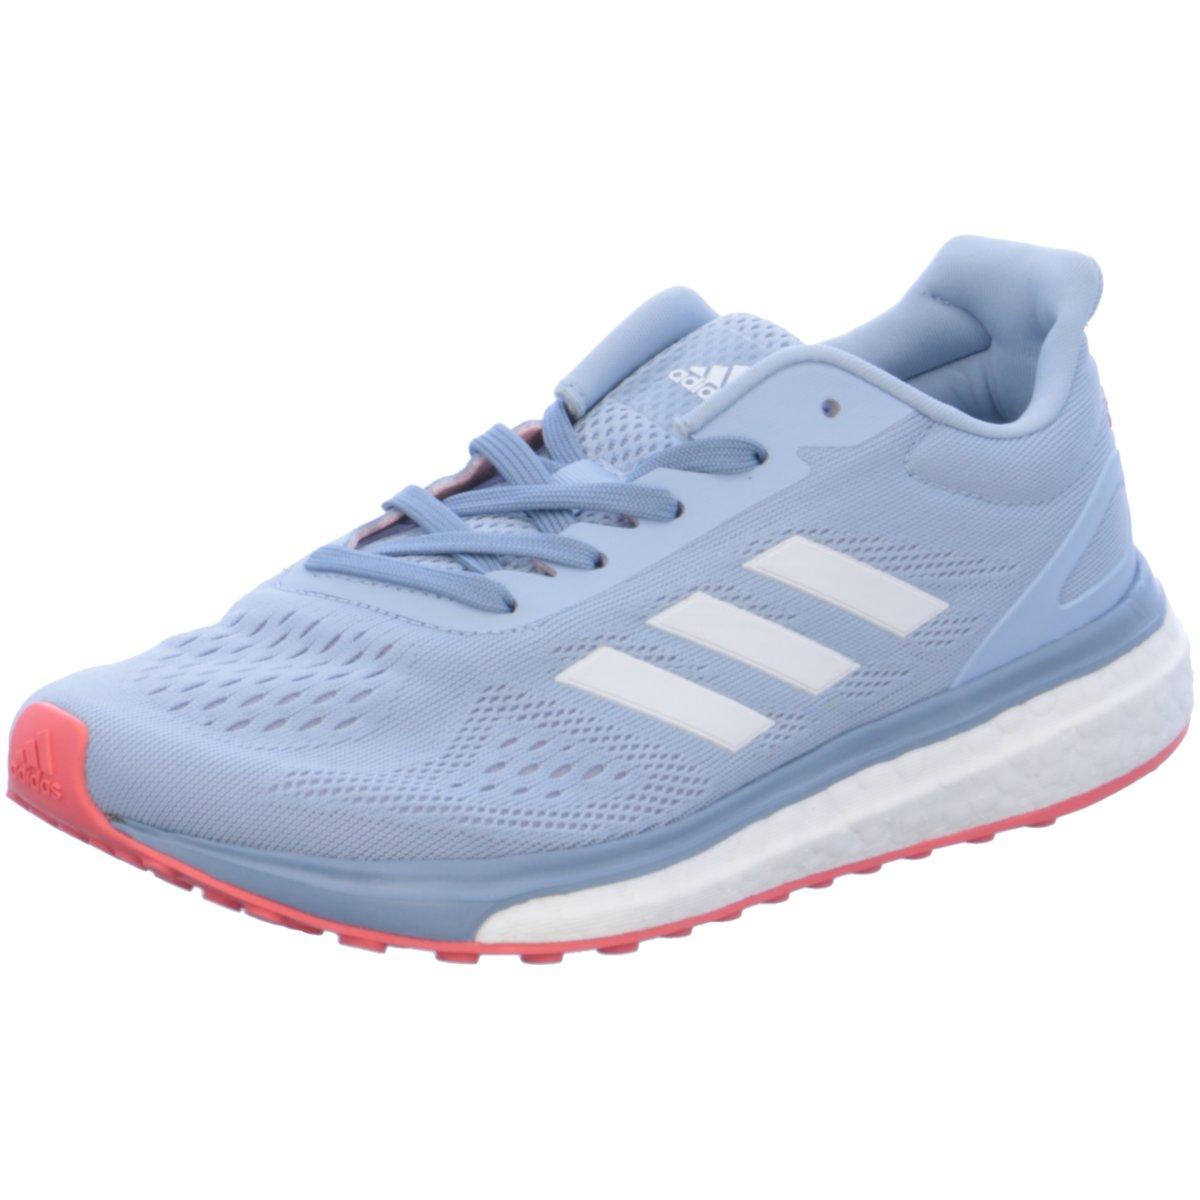 af2abd117ac6d0 Das Bild wird geladen S2K-adidas-Damen-Sportschuhe -Response-lt-Damen-Laufschuhe-